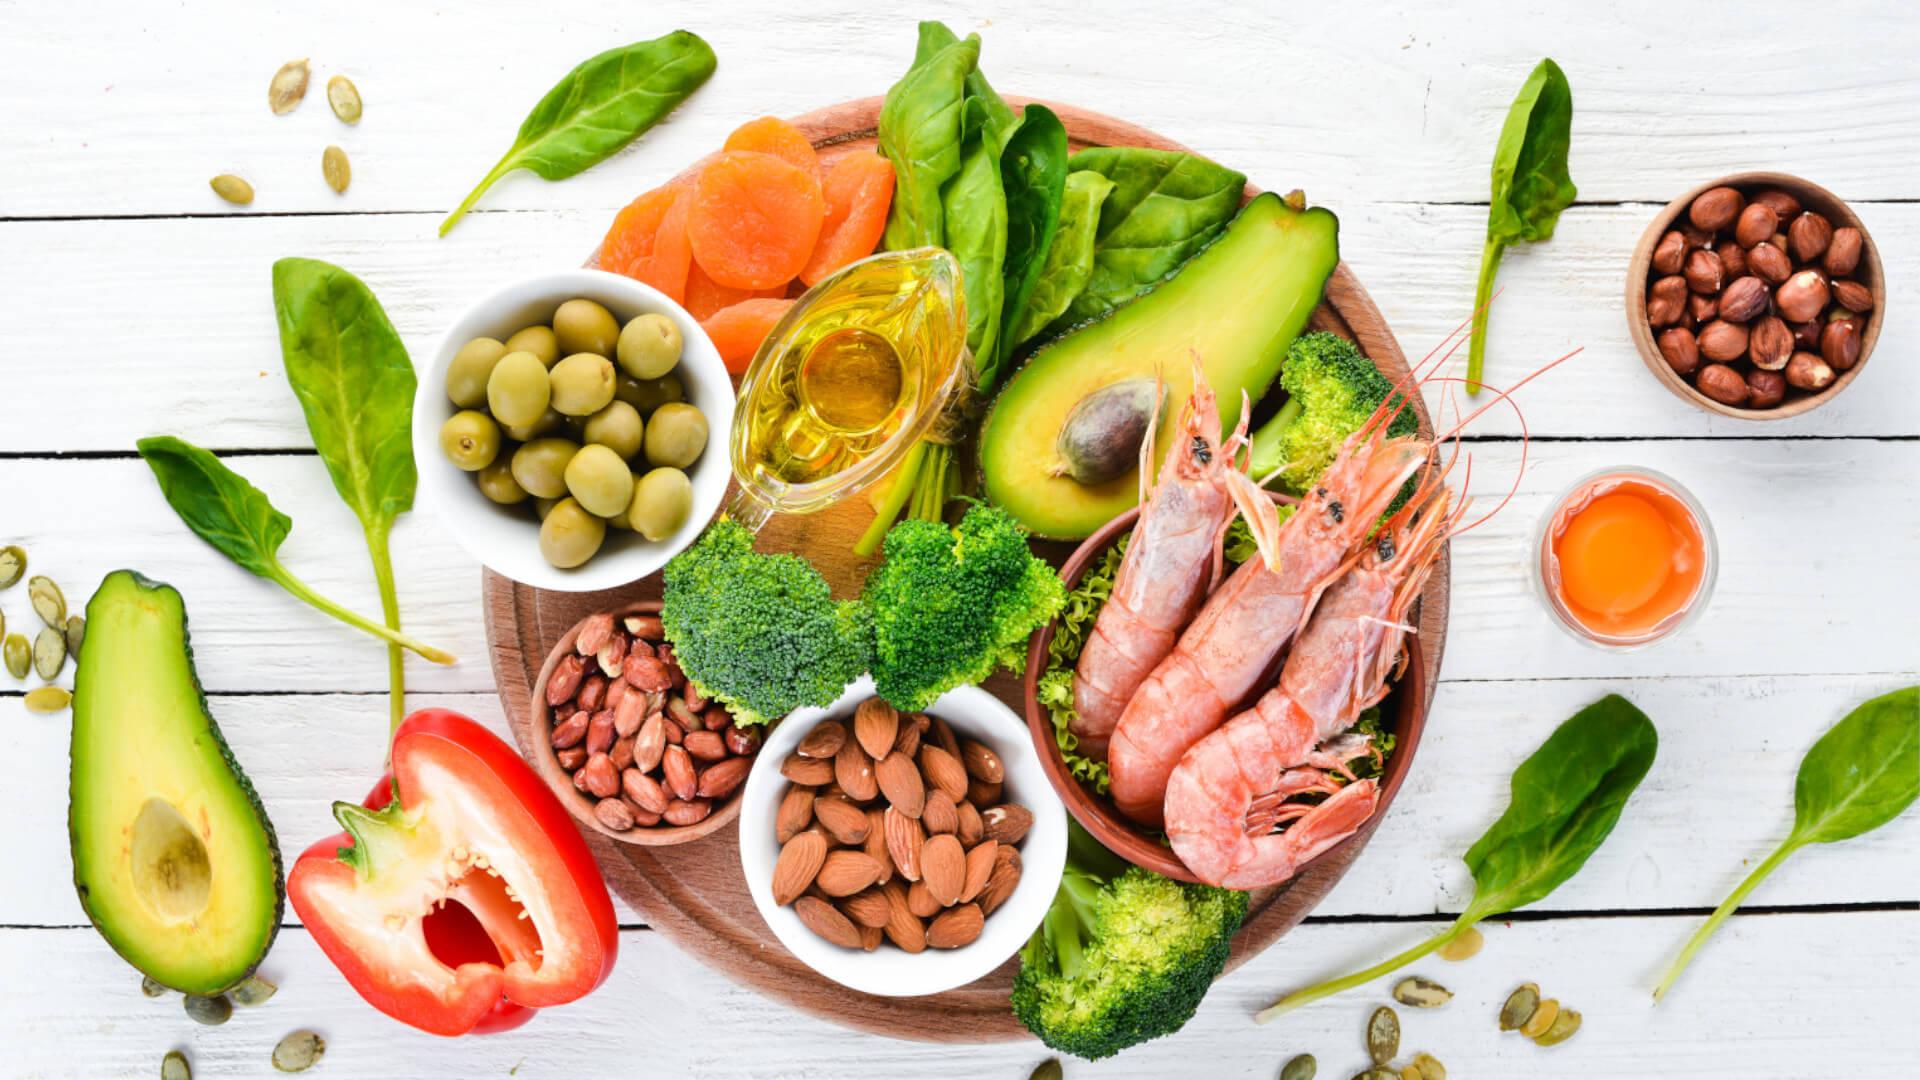 dieta wspomagająca metabolizm